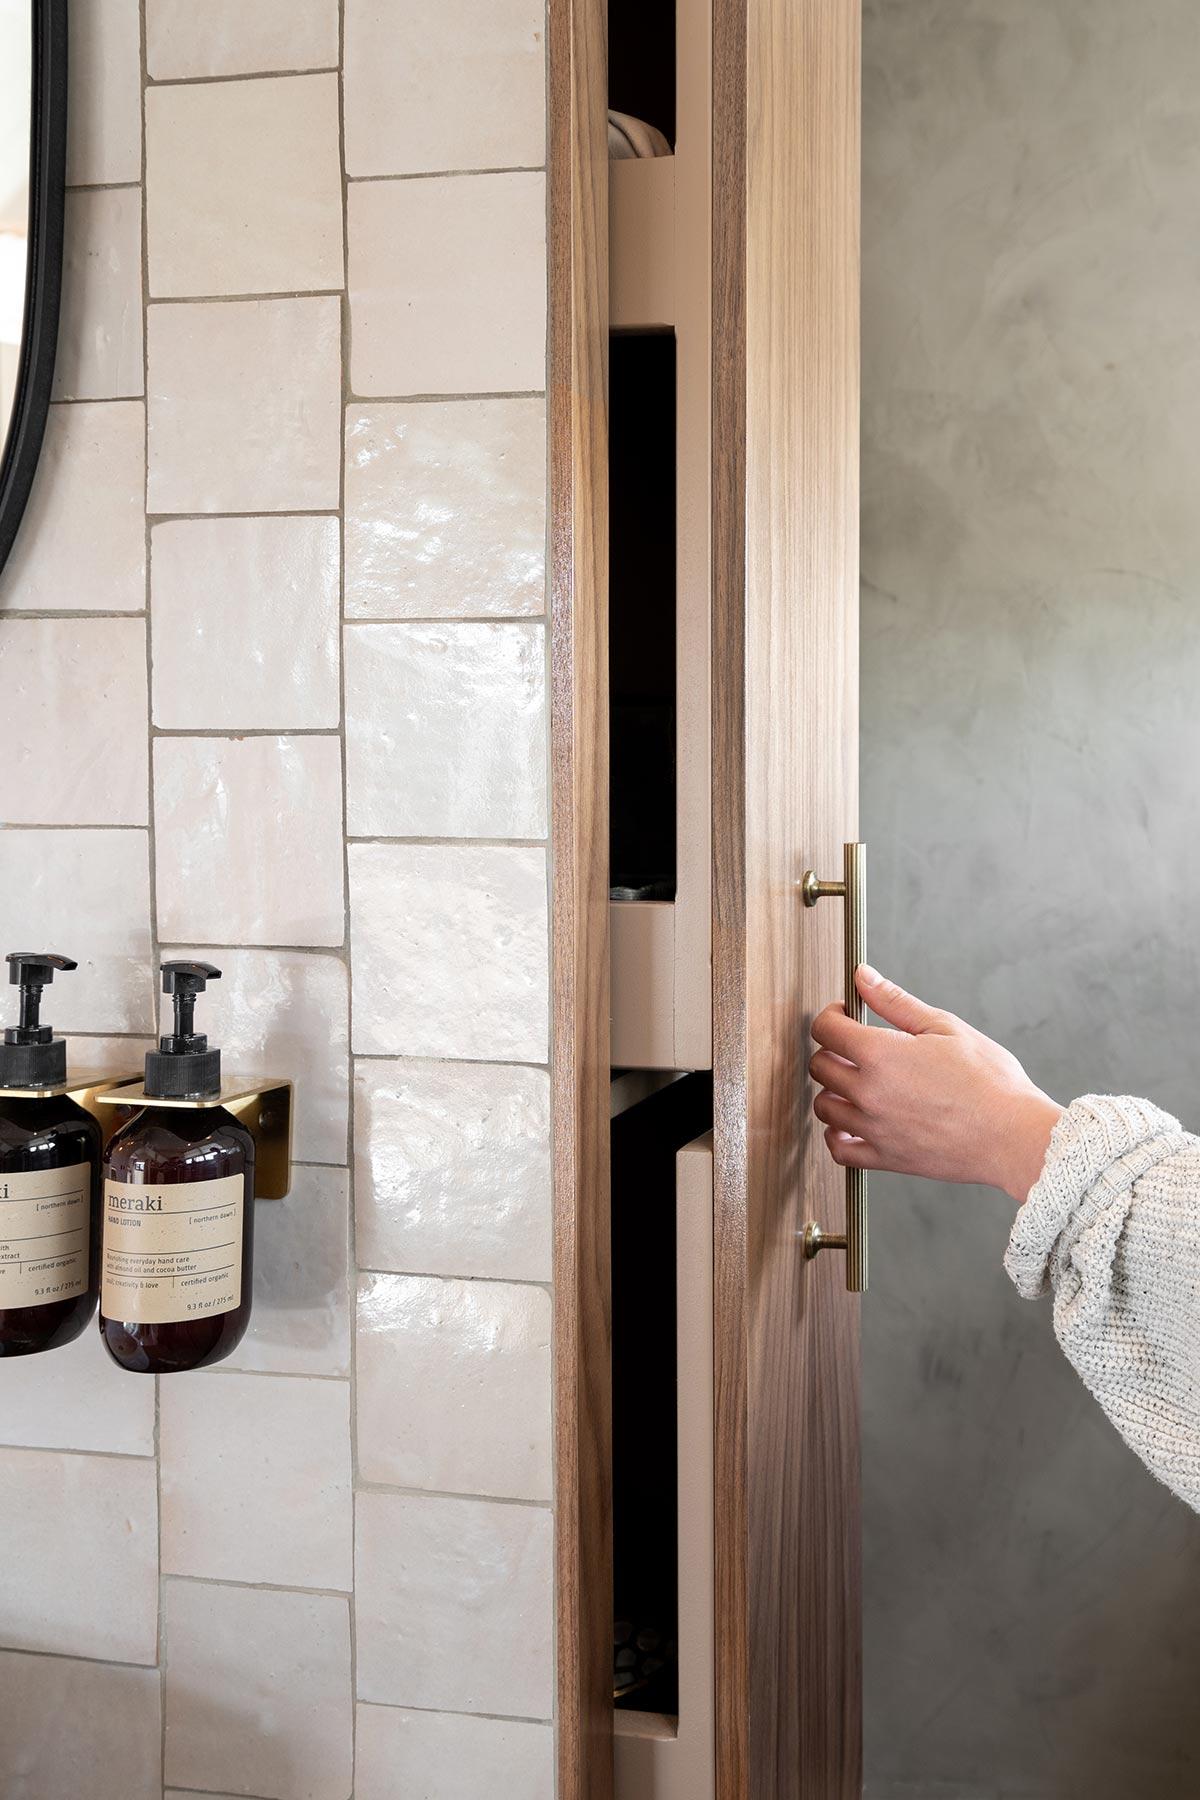 DIY apothekerskast badkamer - Tanja van Hoogdalem